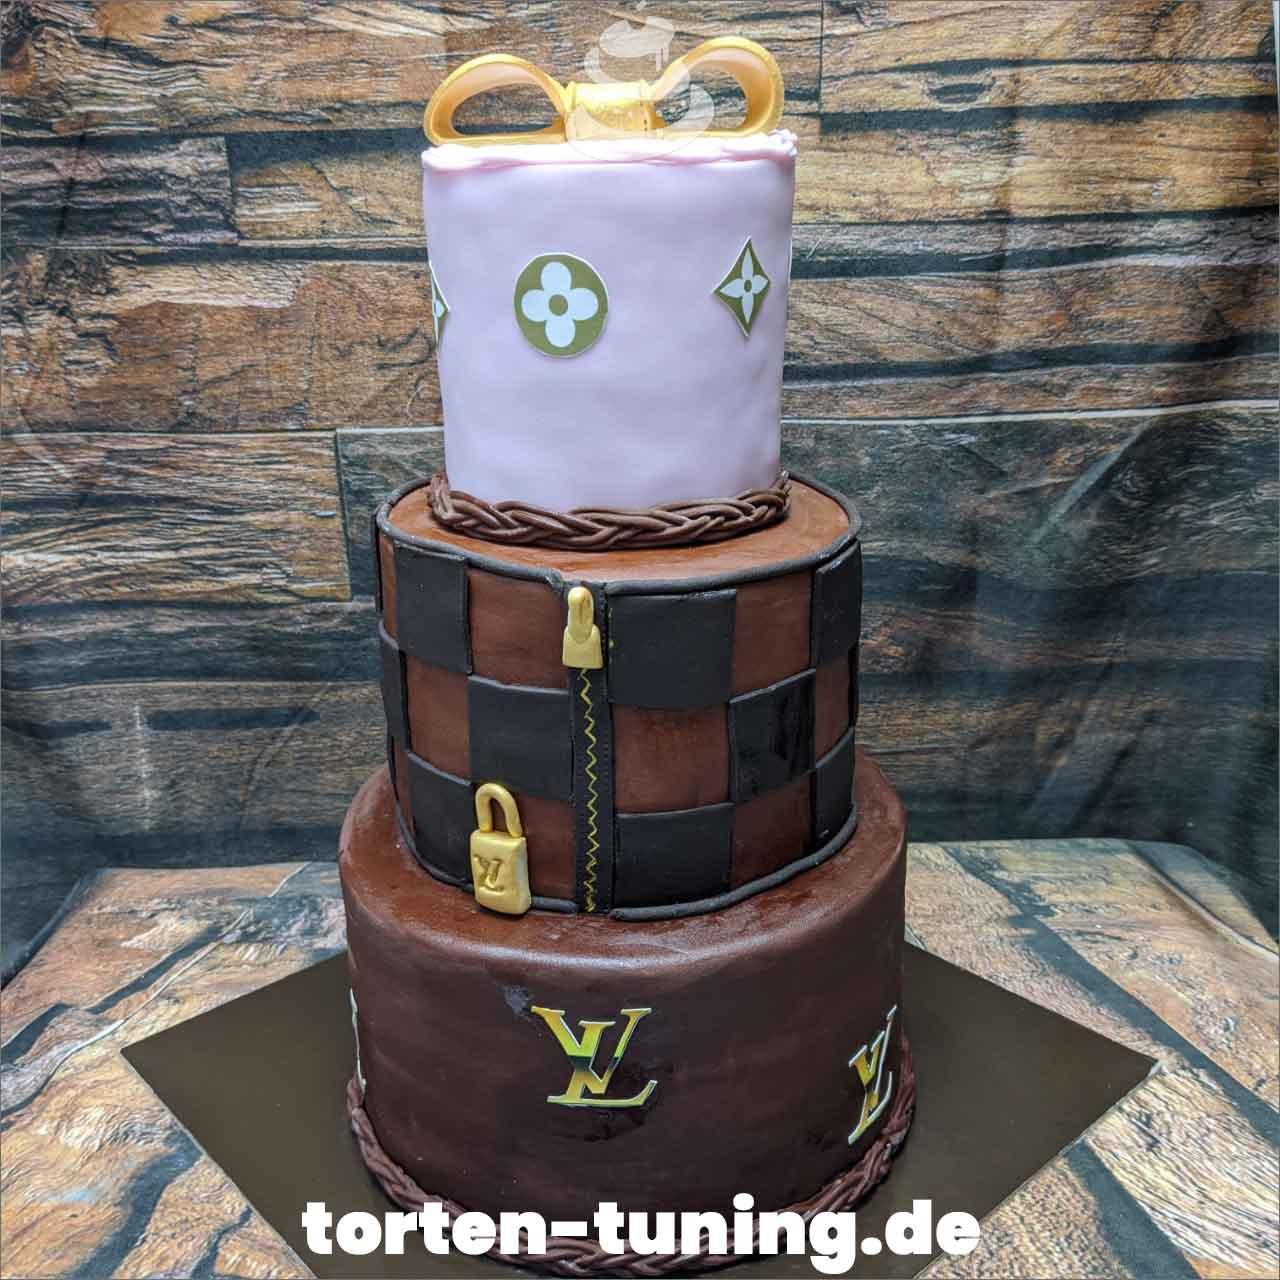 Luis Vuitton Dripcake Obsttorte Geburtstagstorte Motivtorte Torte Tortendekoration Torte online bestellen Suhl Thüringen Torten Tuning Sahnetorte Tortenfiguren Cake Topper